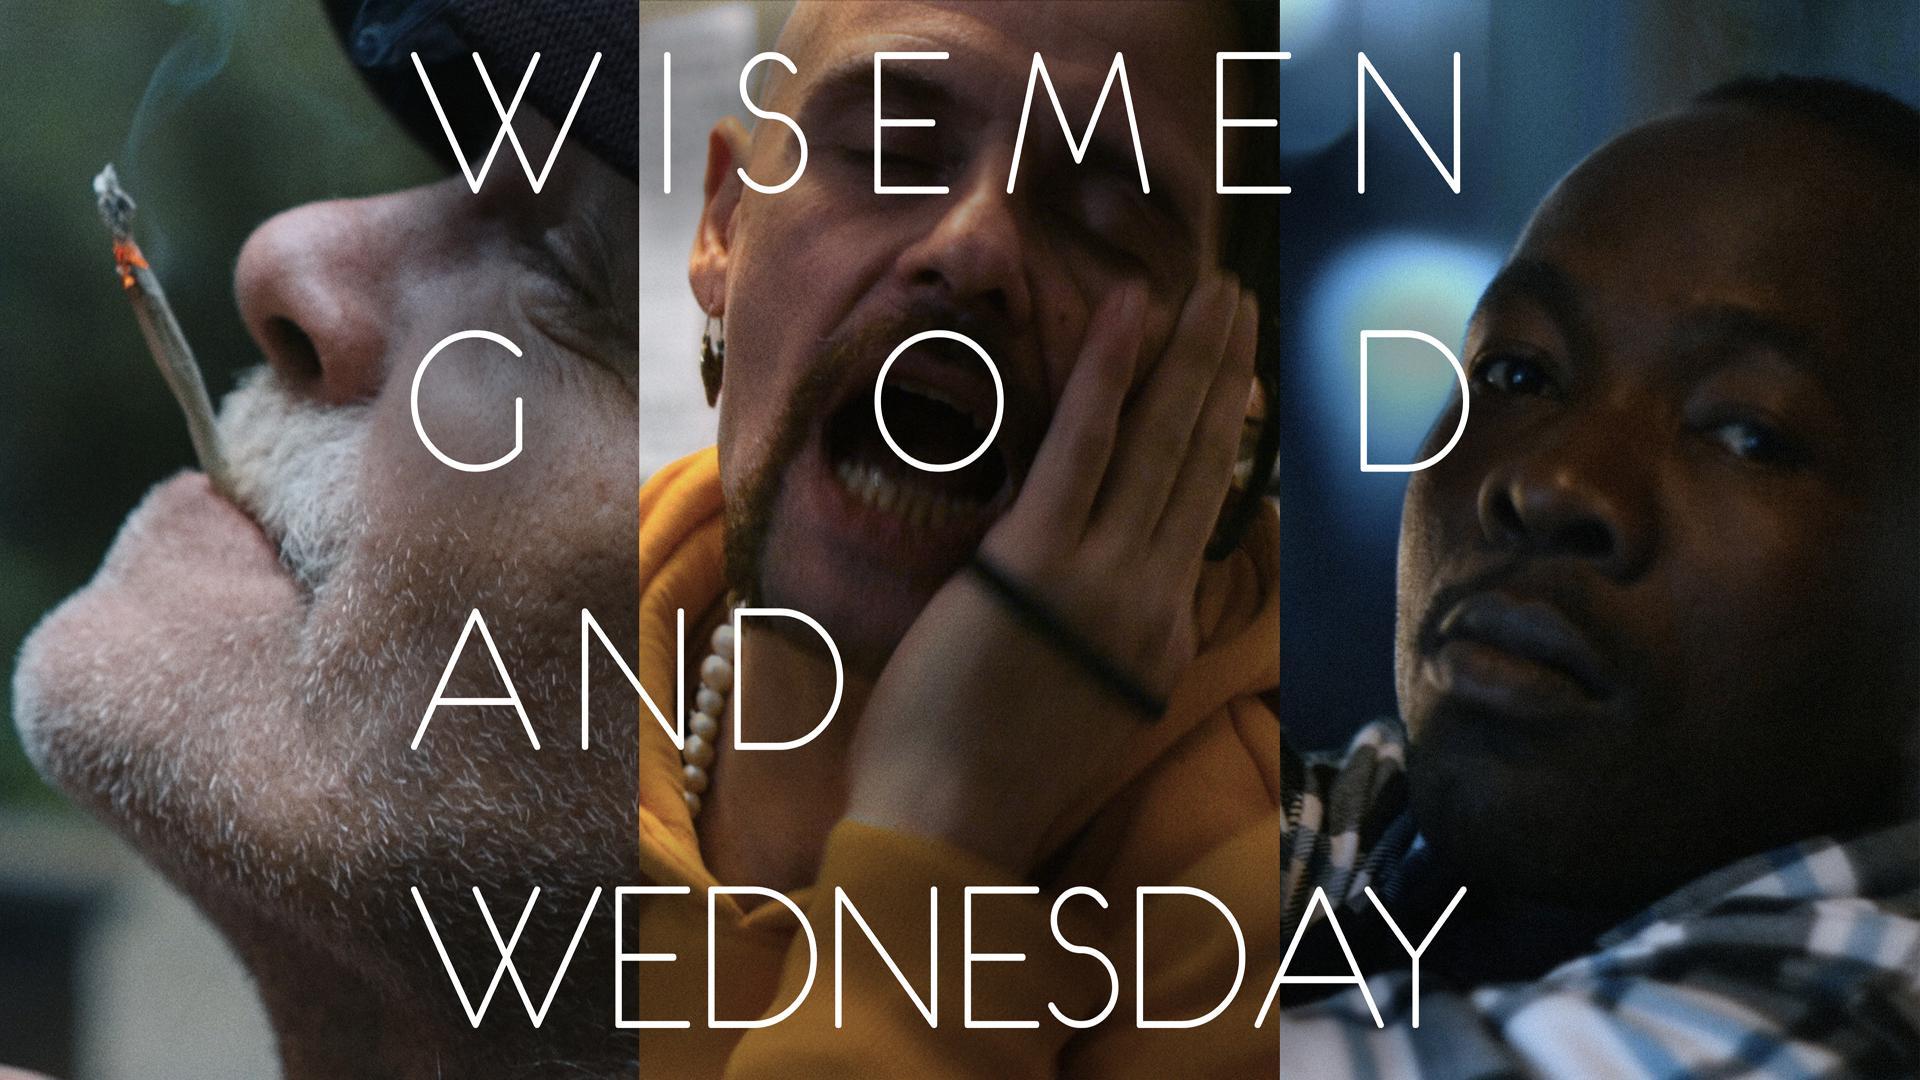 Wisemen, God, and Wednesday